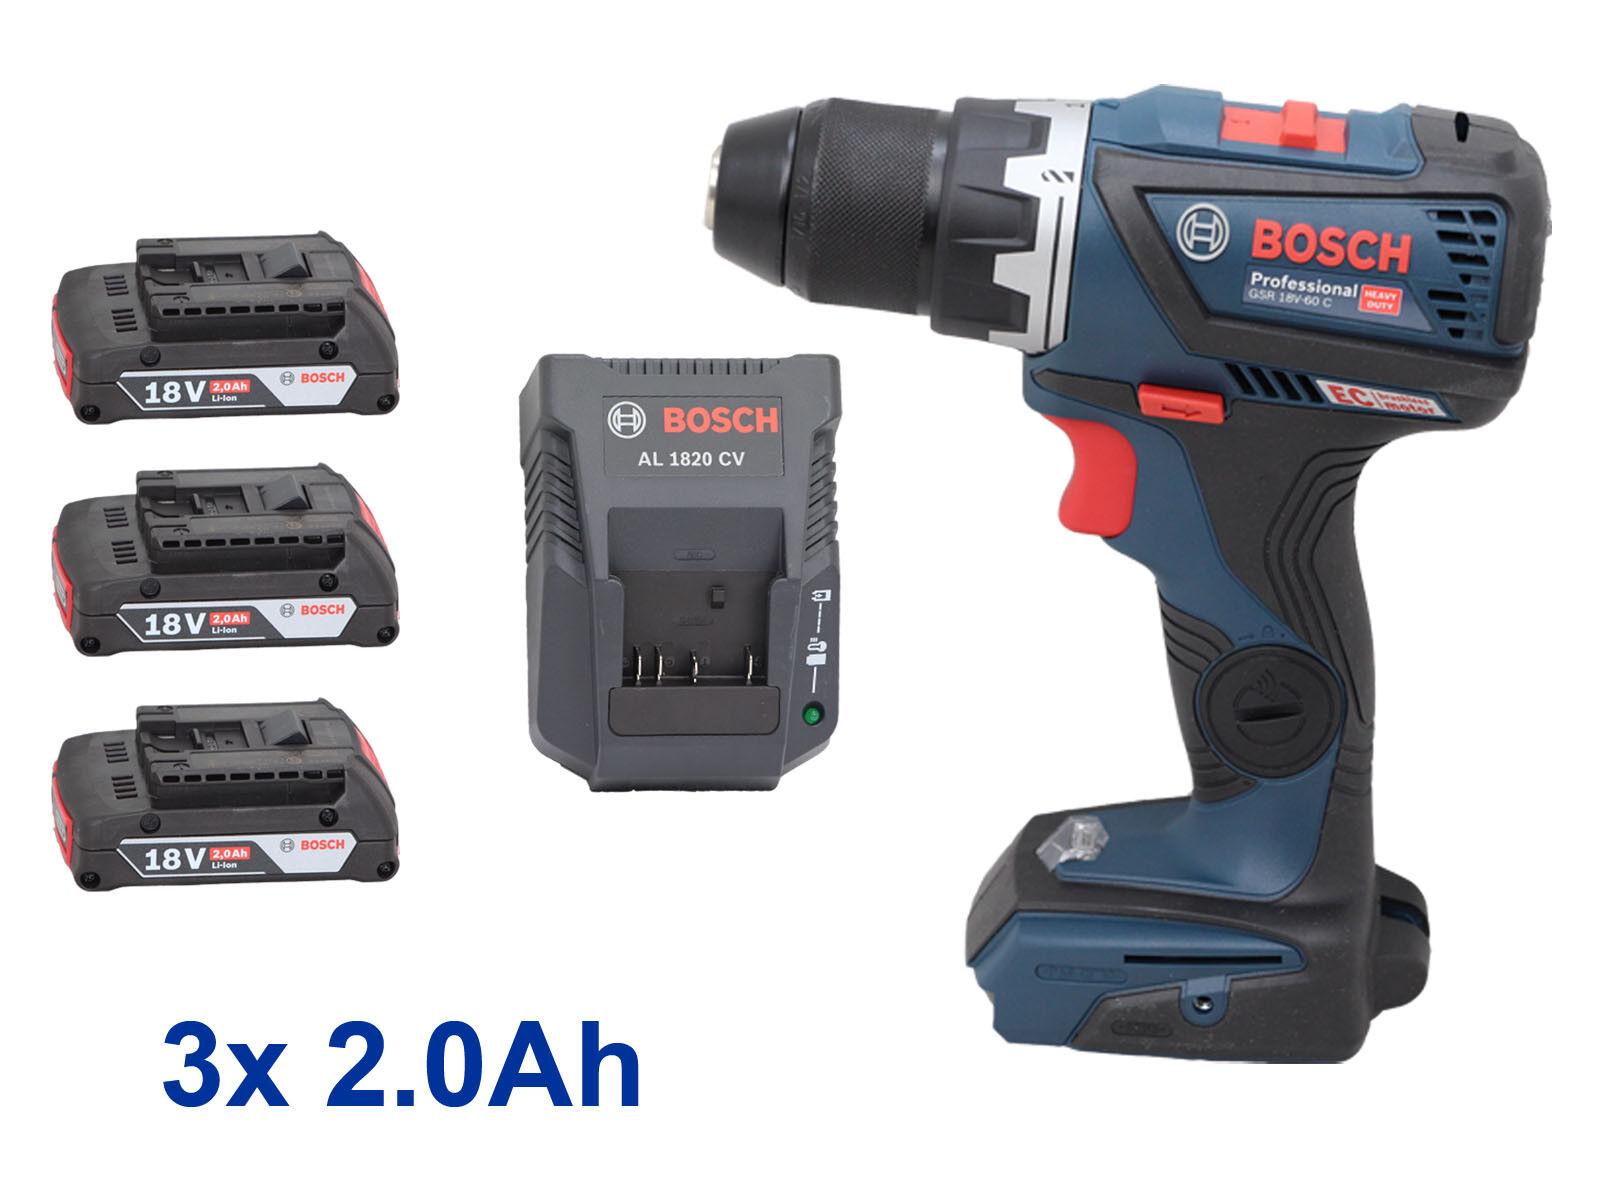 Bosch Akku Bohrschrauber GSR 18V-60 C + 3x 2.0 Ah 18 Volt + AL 1820 CV Ladegerät